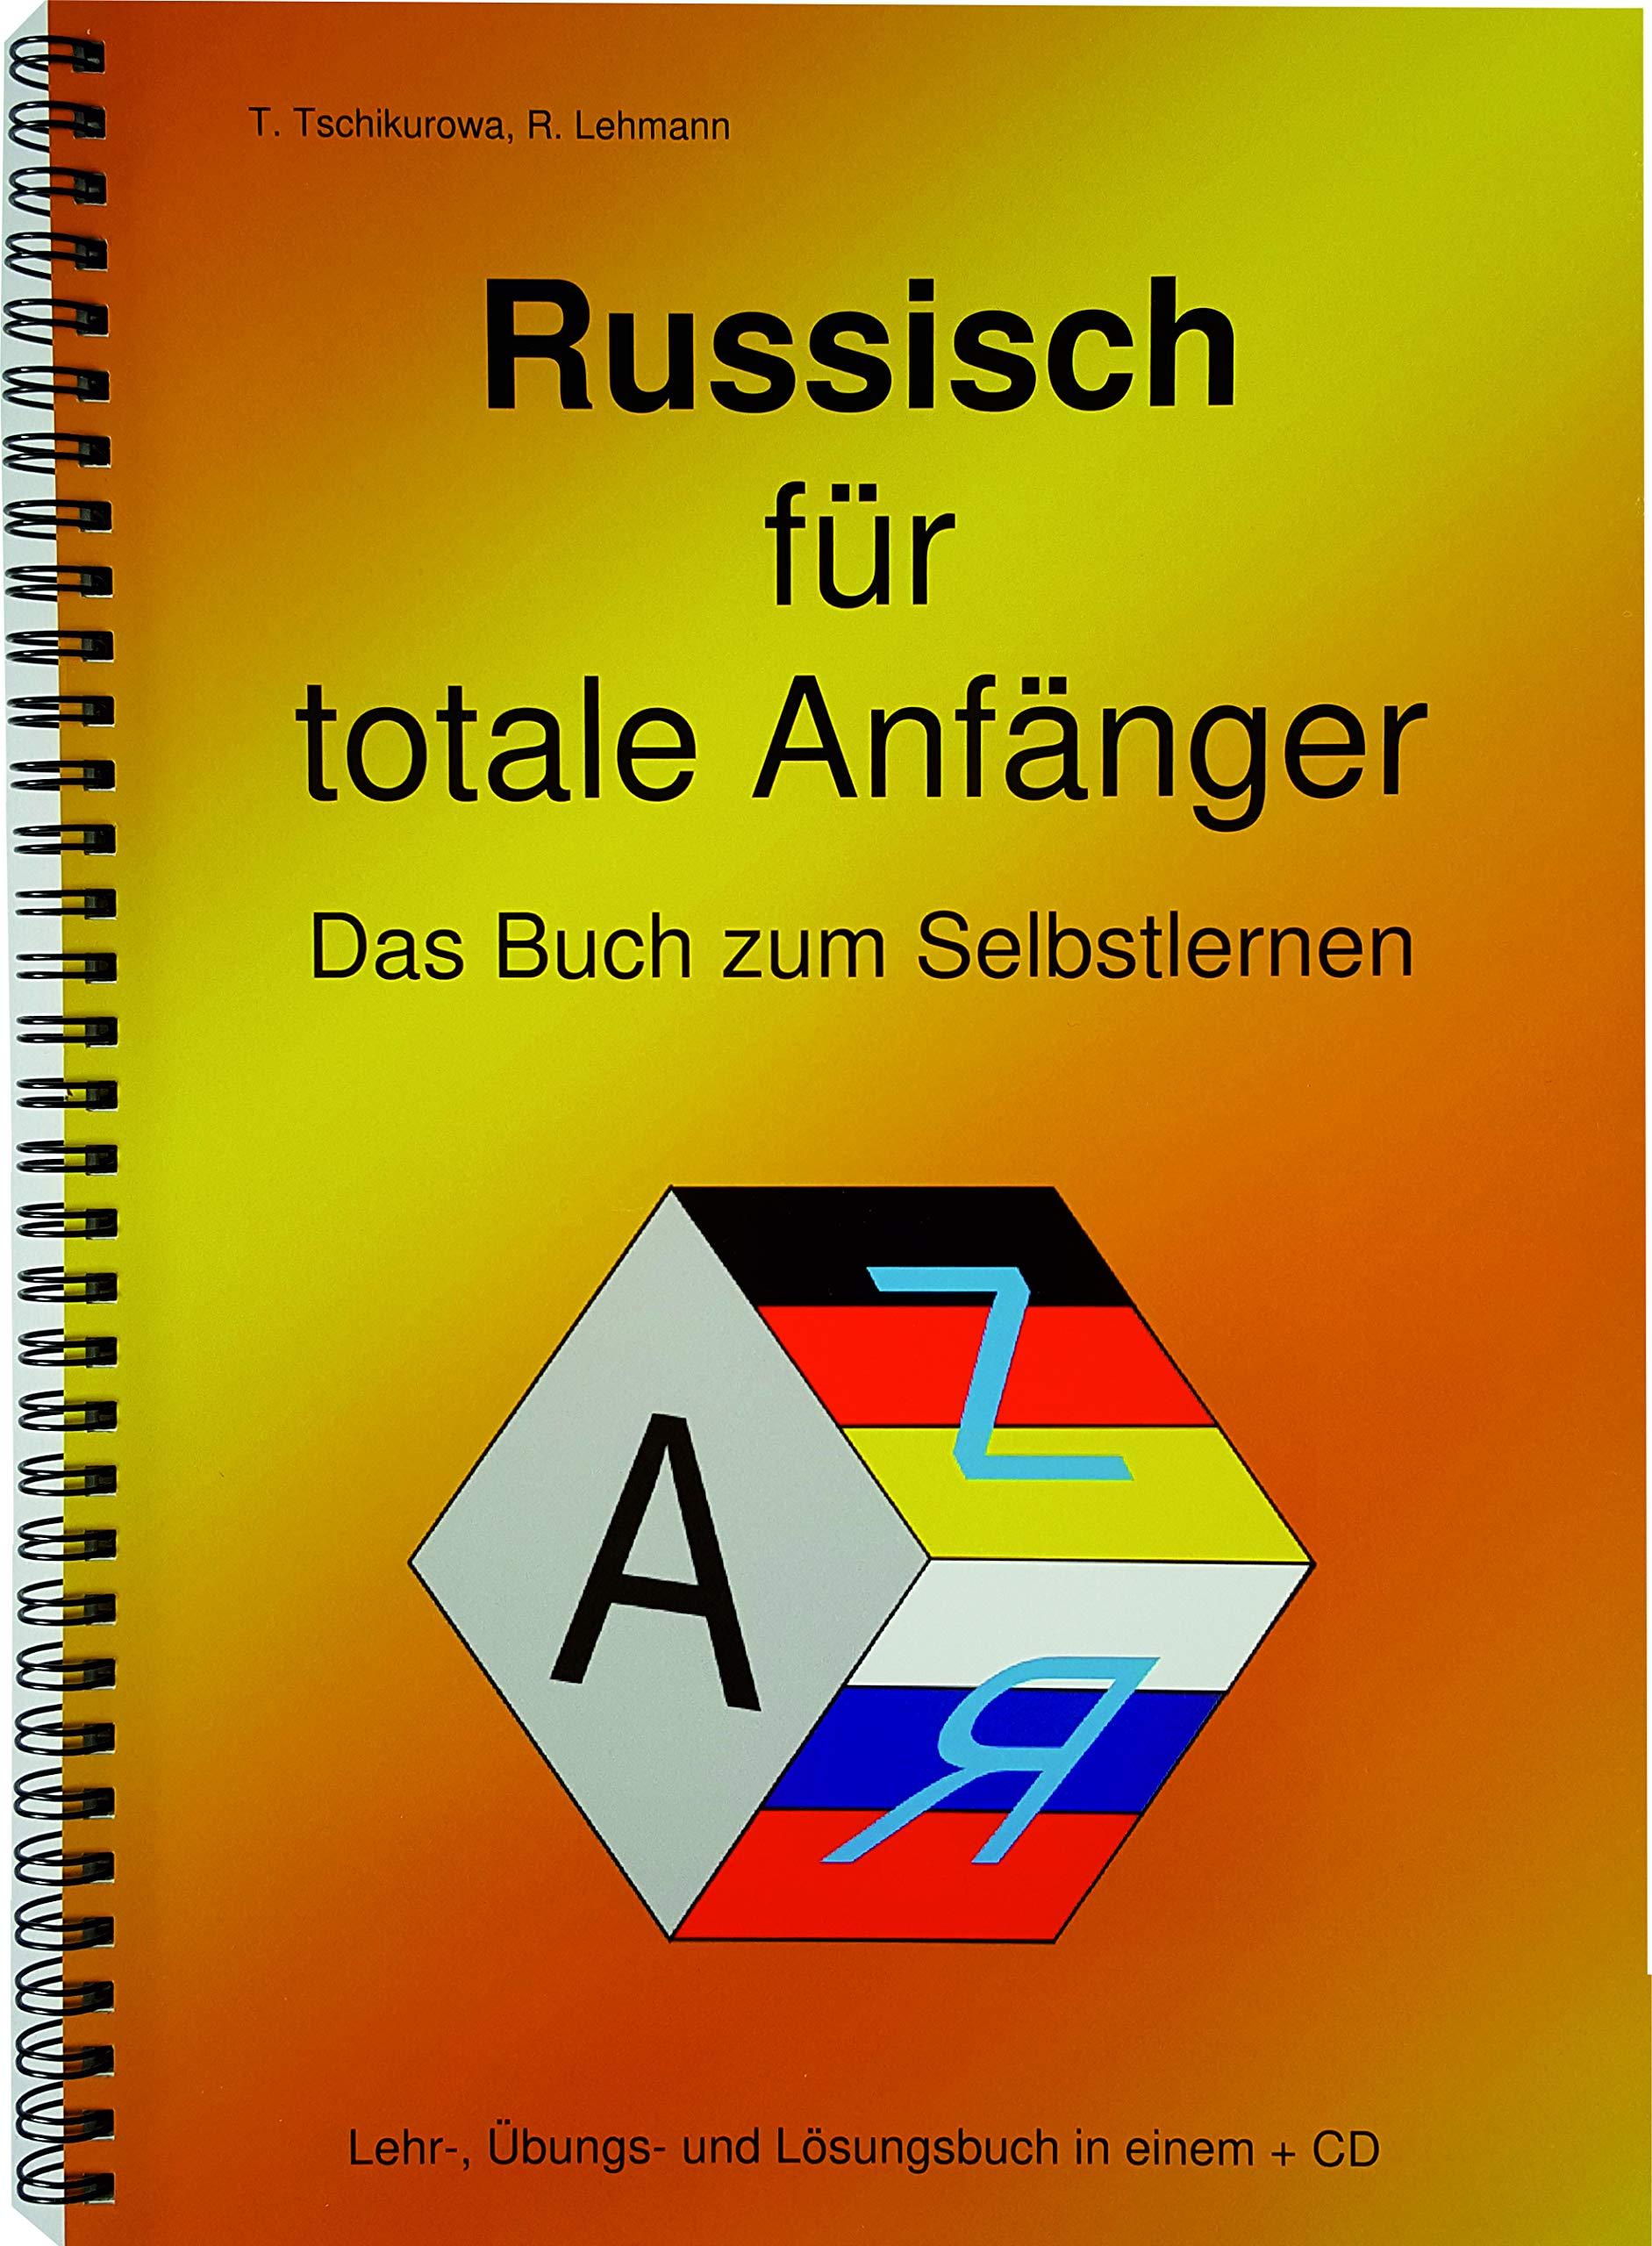 Russisch Für Totale Anfänger Das Buch Zum Selbstlernen Lehr